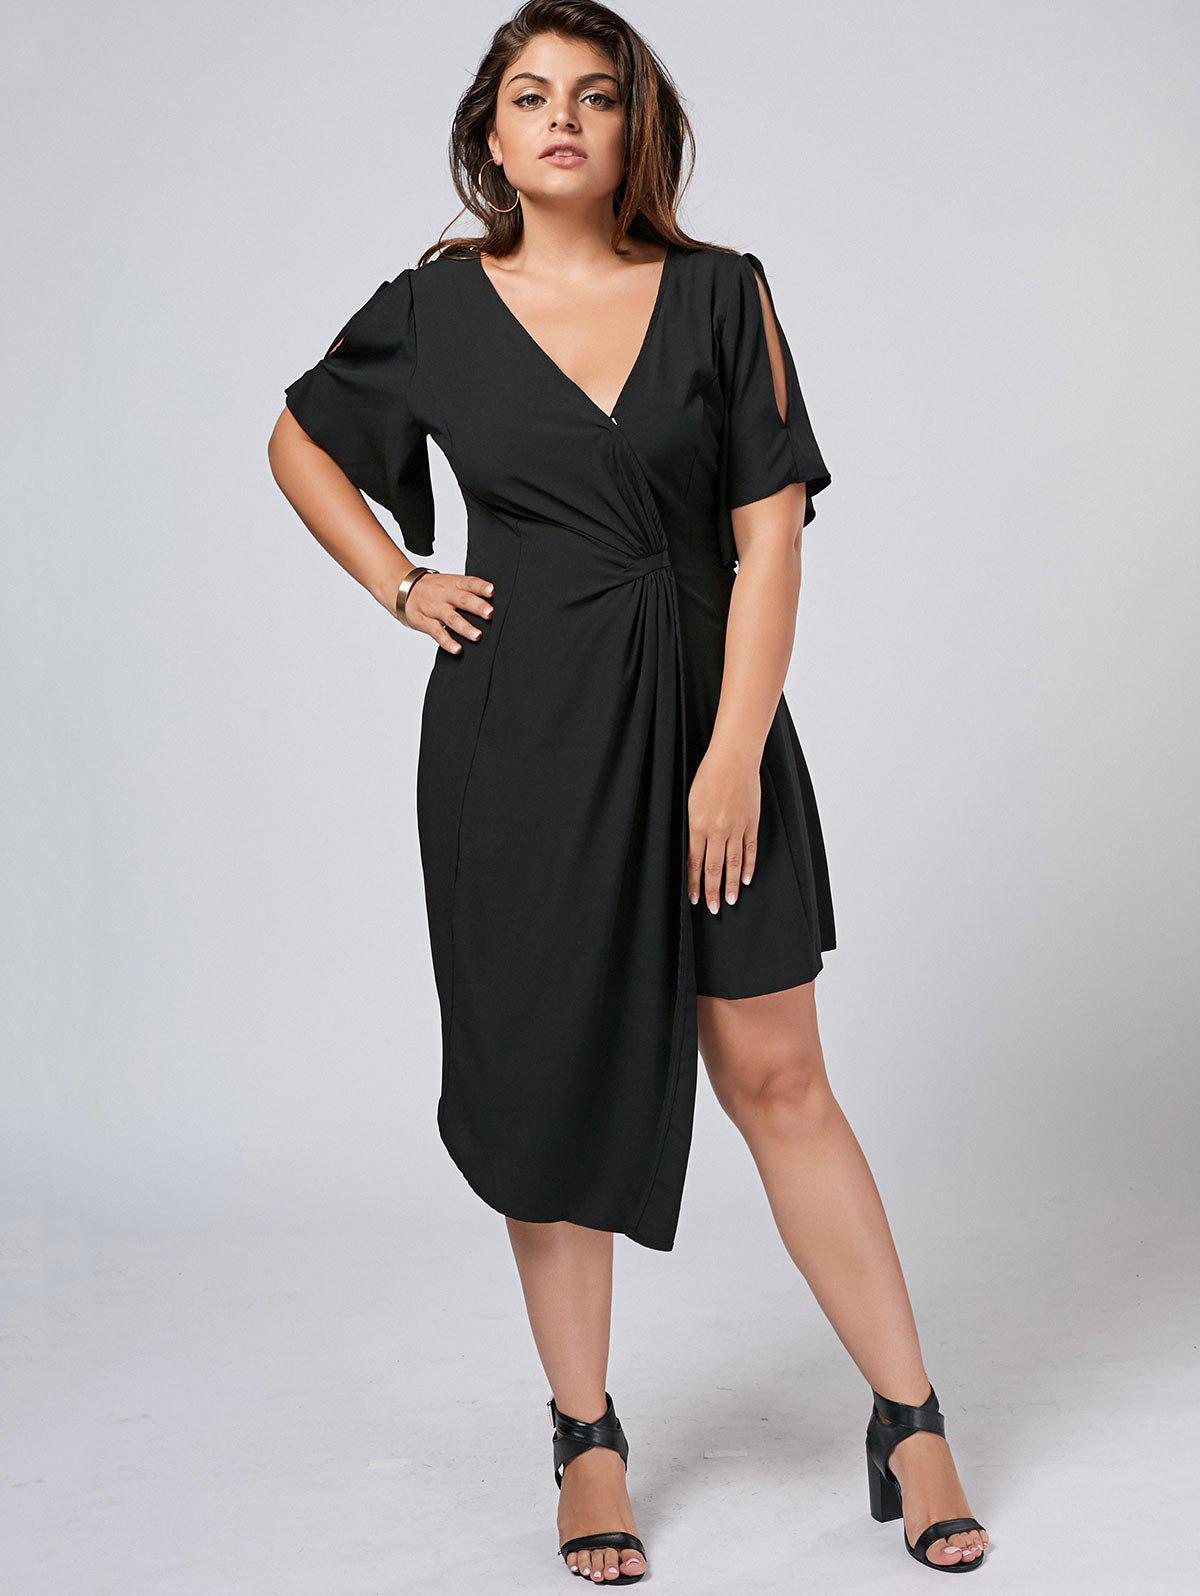 Plus Size Slit Asymmetrical Dress